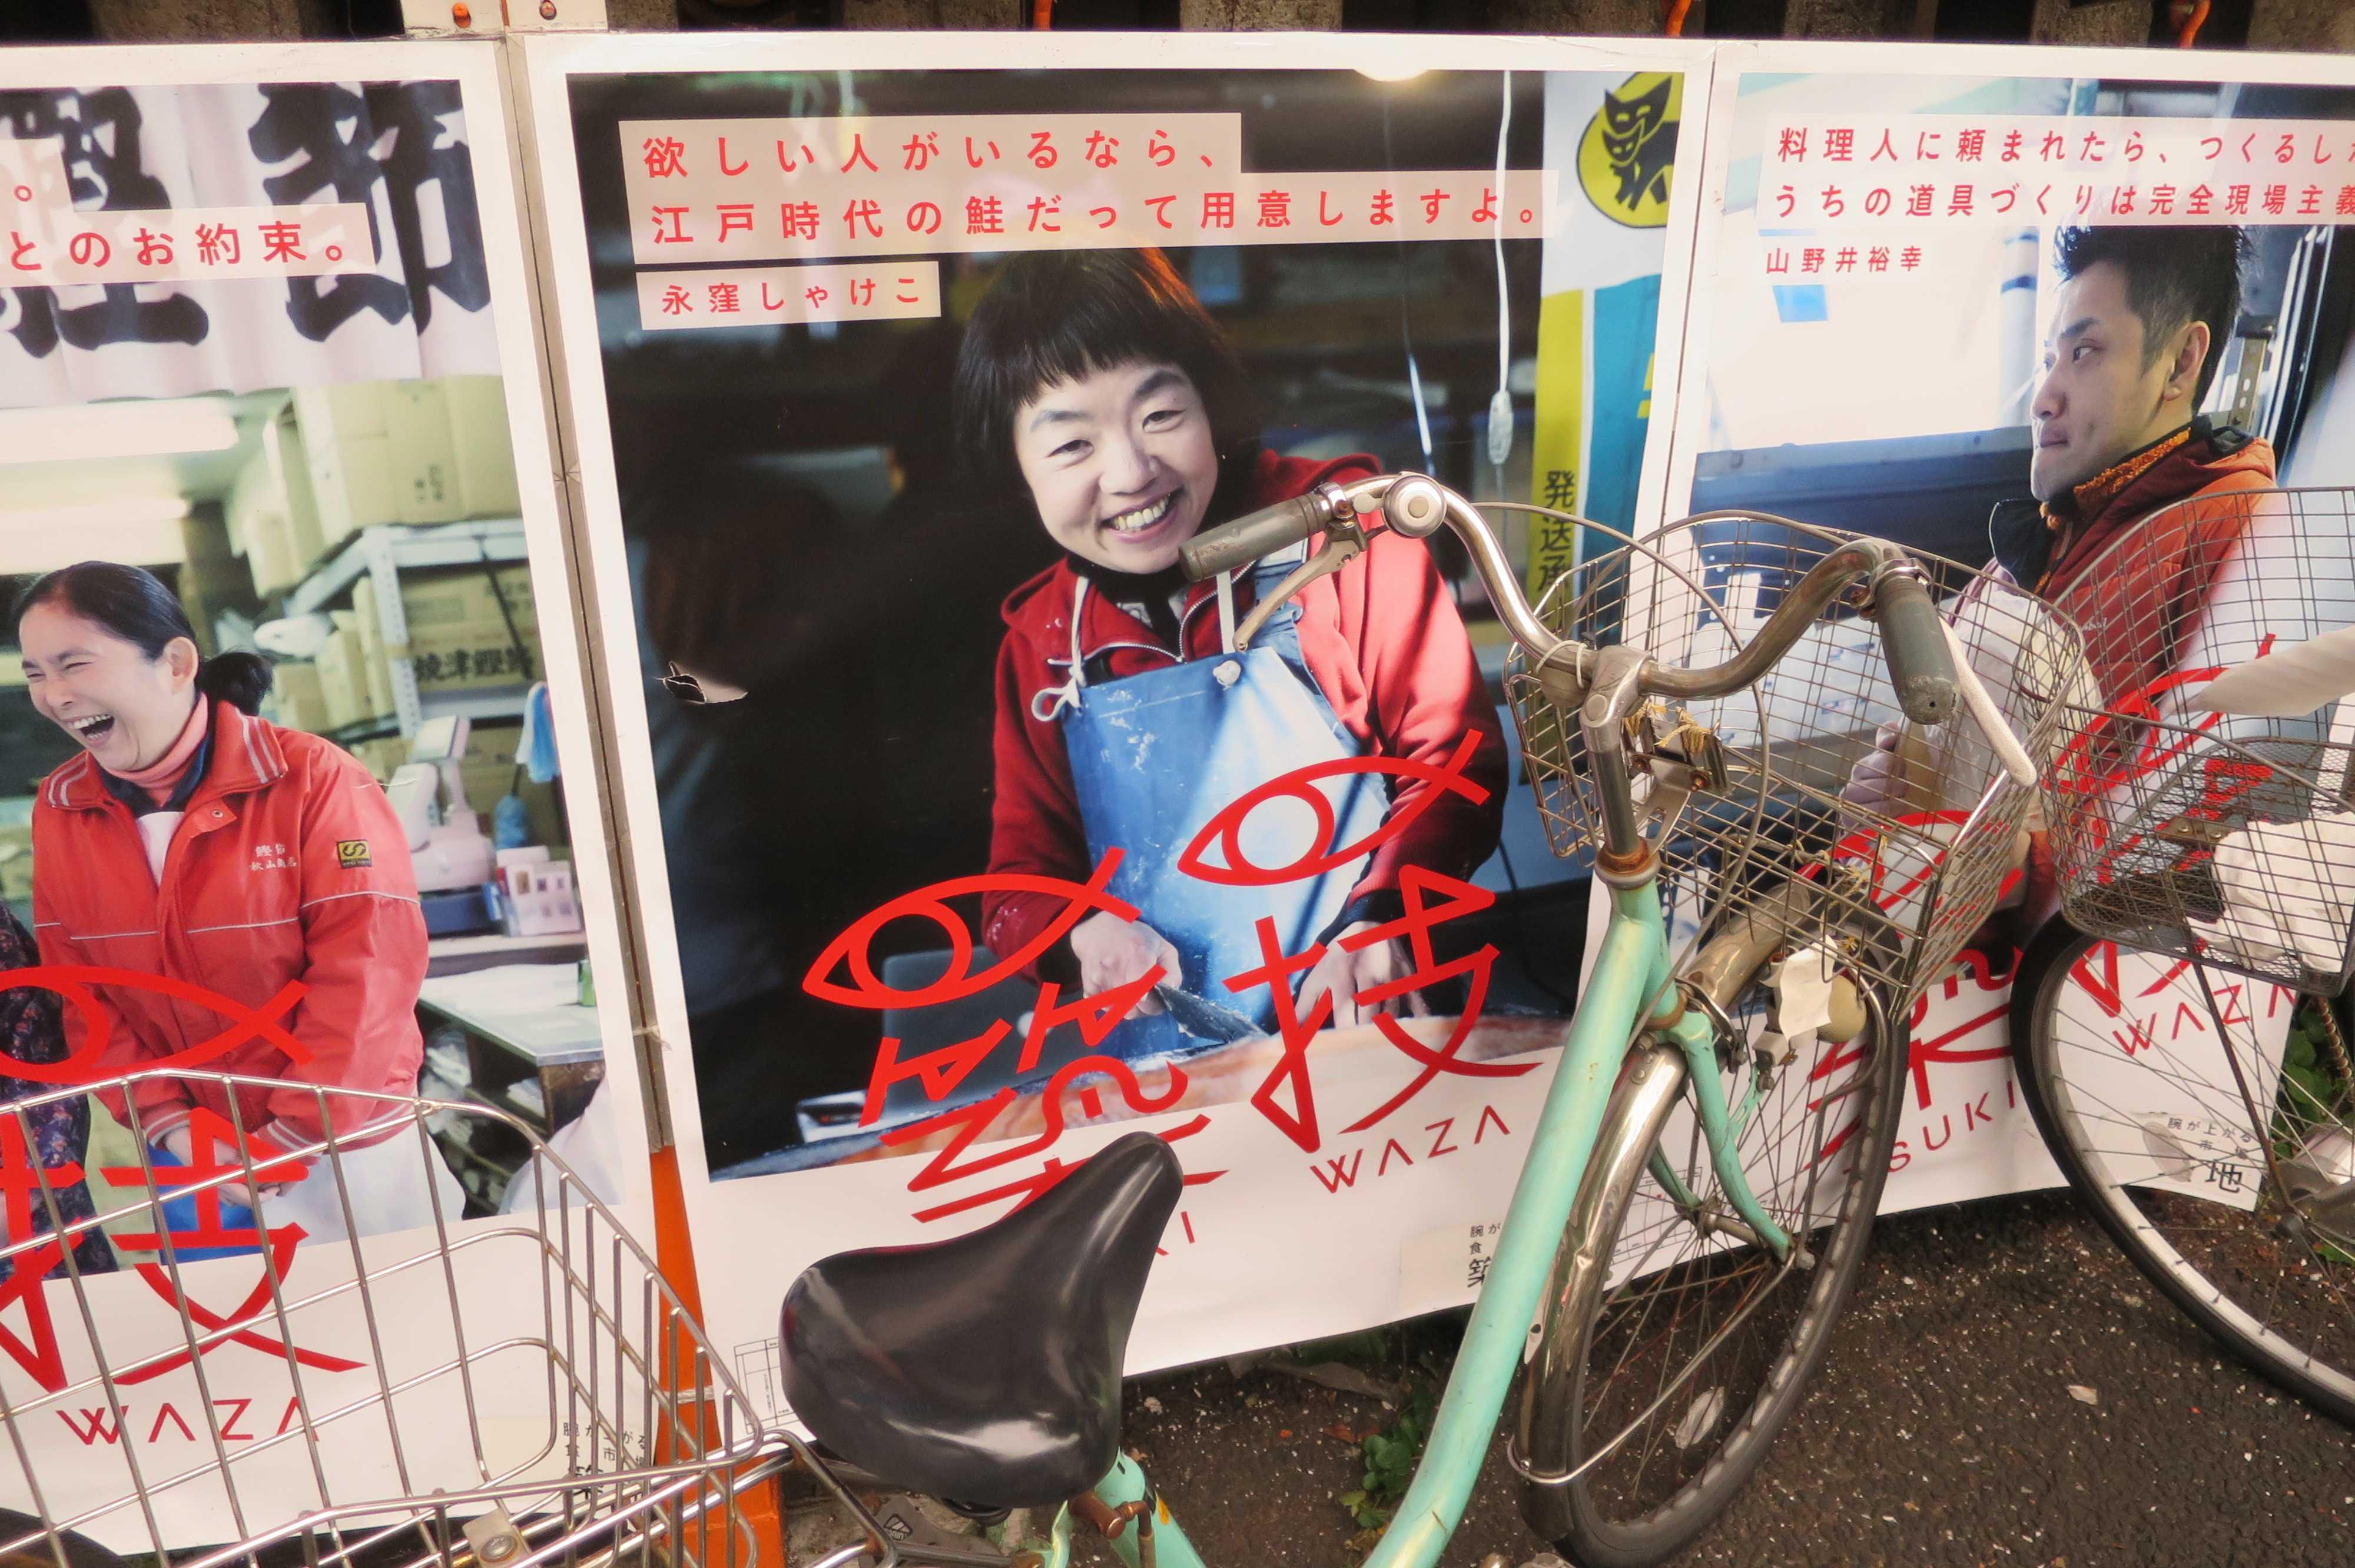 築地エリア - 「永窪しゃけこ」さんの築技(TSUKI WAZA)のポスター